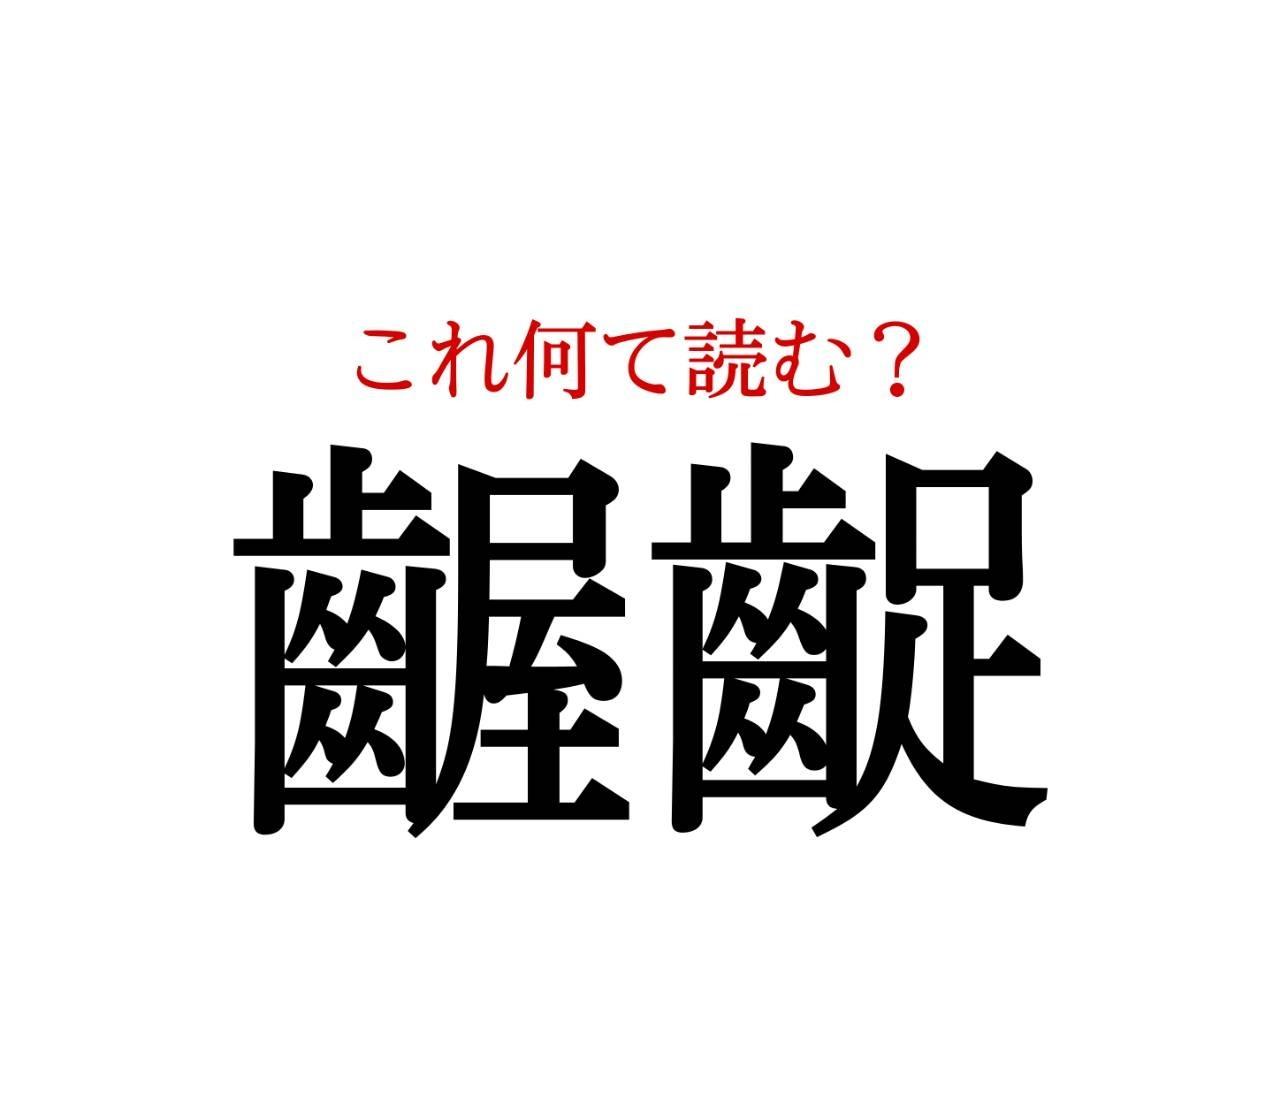 「齷齪」:この漢字、自信を持って読めますか?【働く大人の漢字クイズvol.64】